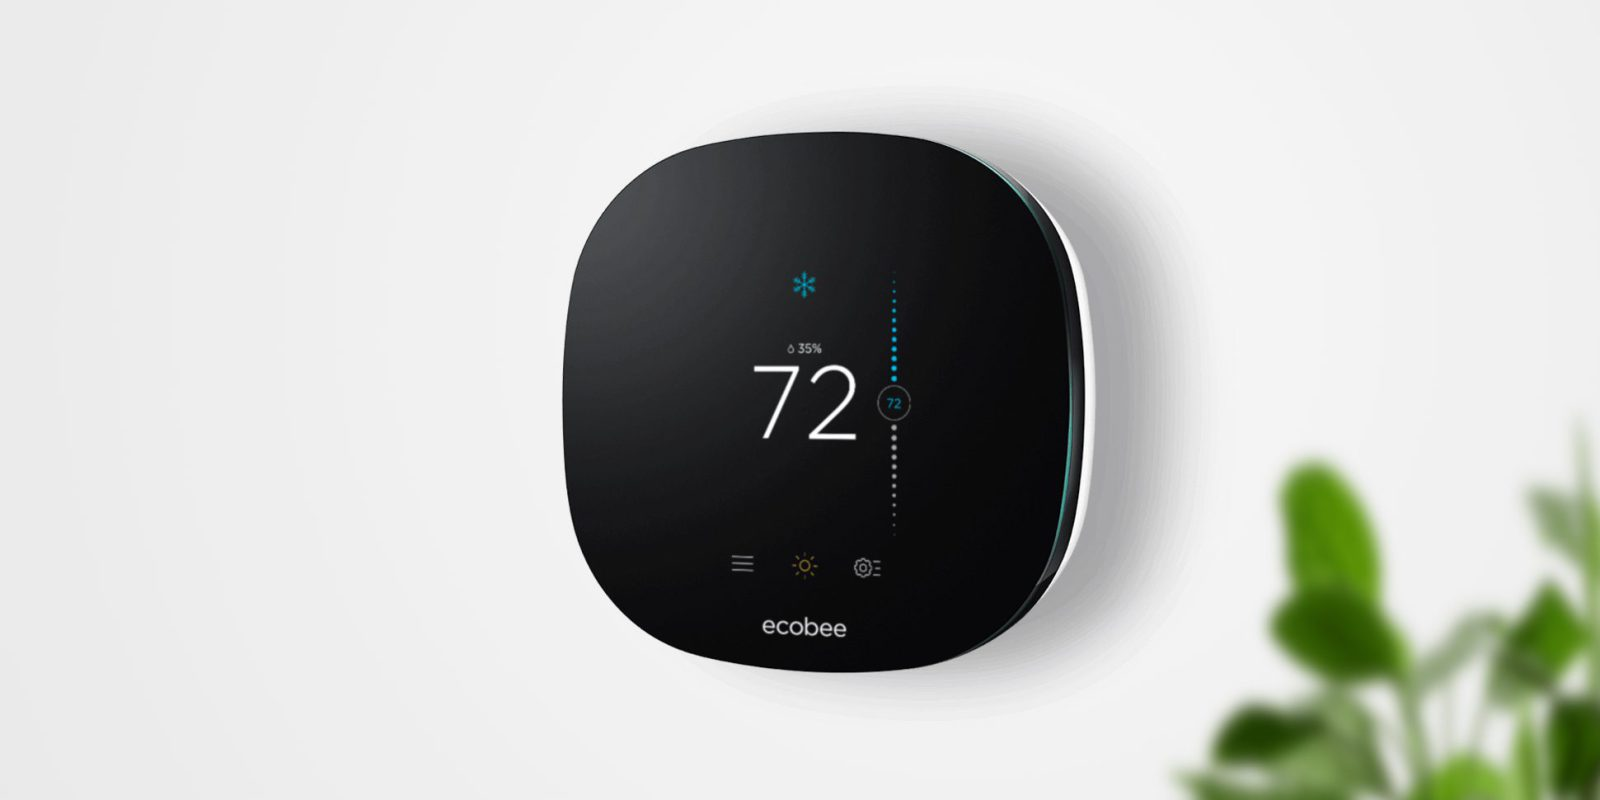 amazon investit dans le rival nest pour les thermostats connect s ecobee. Black Bedroom Furniture Sets. Home Design Ideas